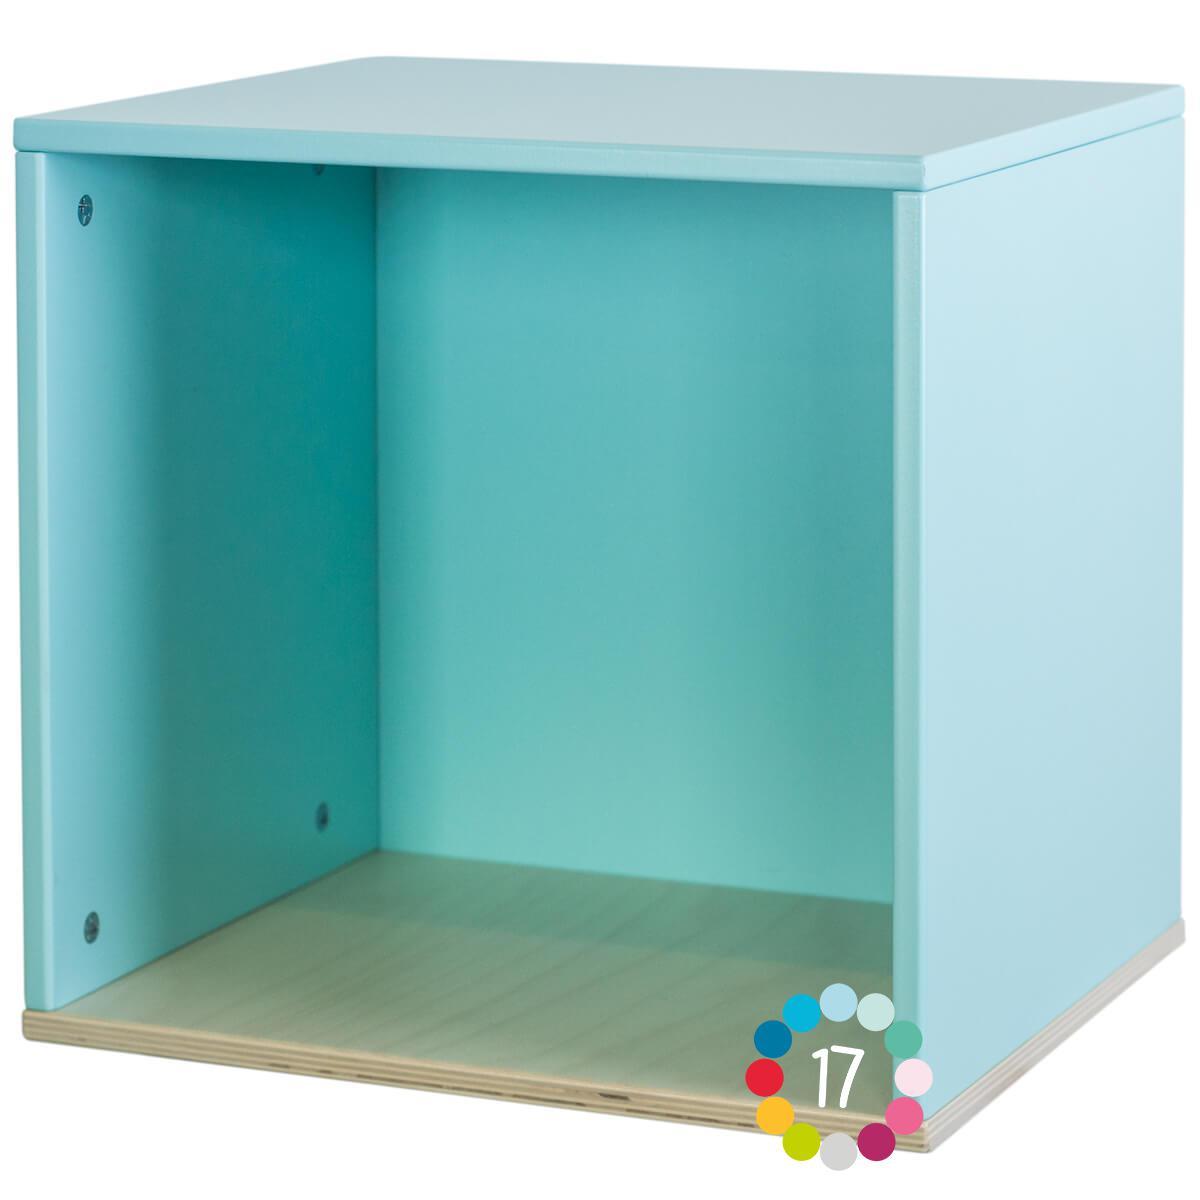 Cube mural COLORFLEX sky blue